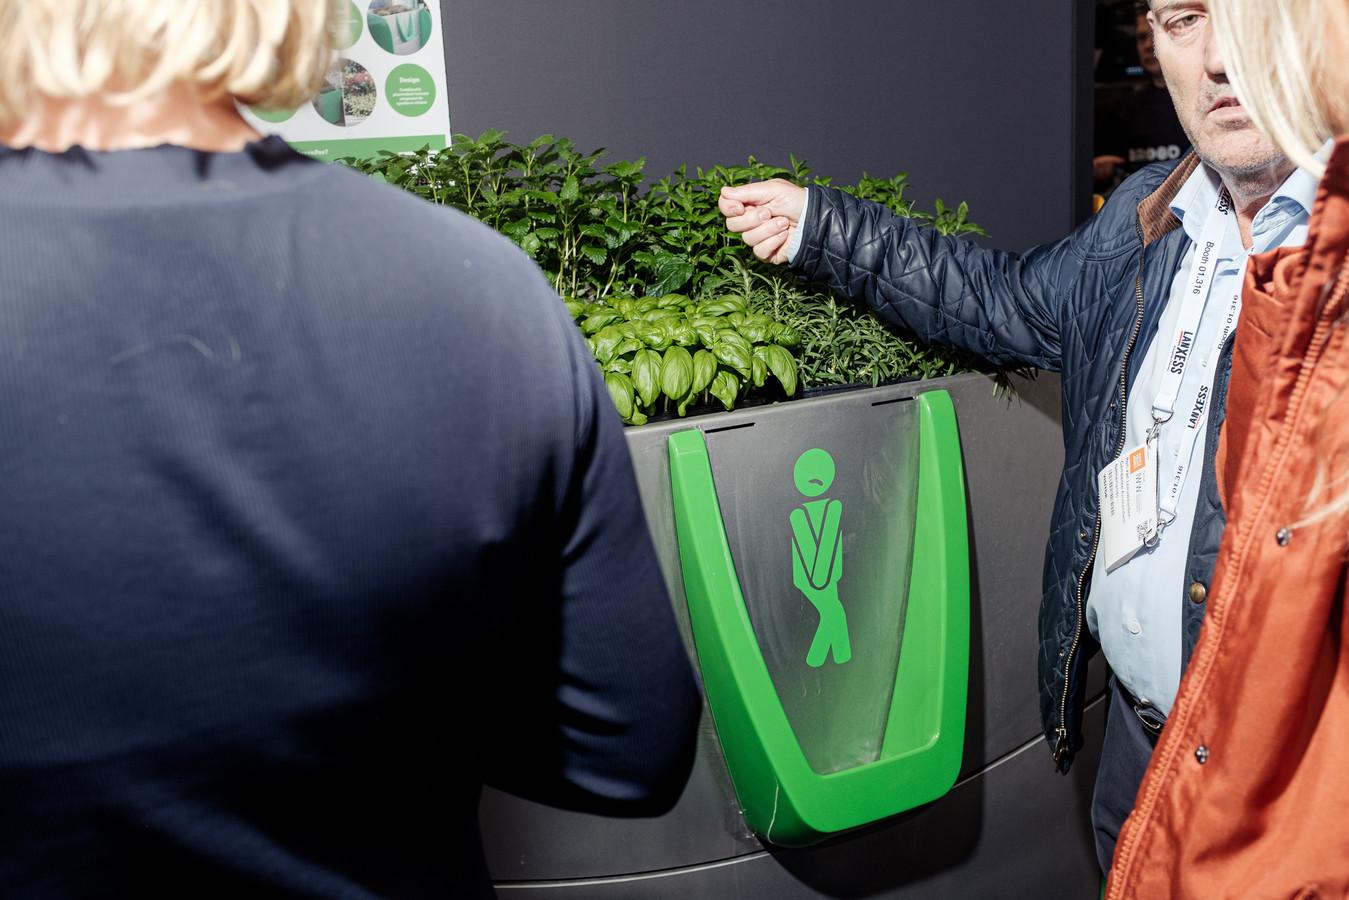 De winning begint bij een GreenPee (deze foto) en kan zowel droge als natte mest opleveren (volgende foto).